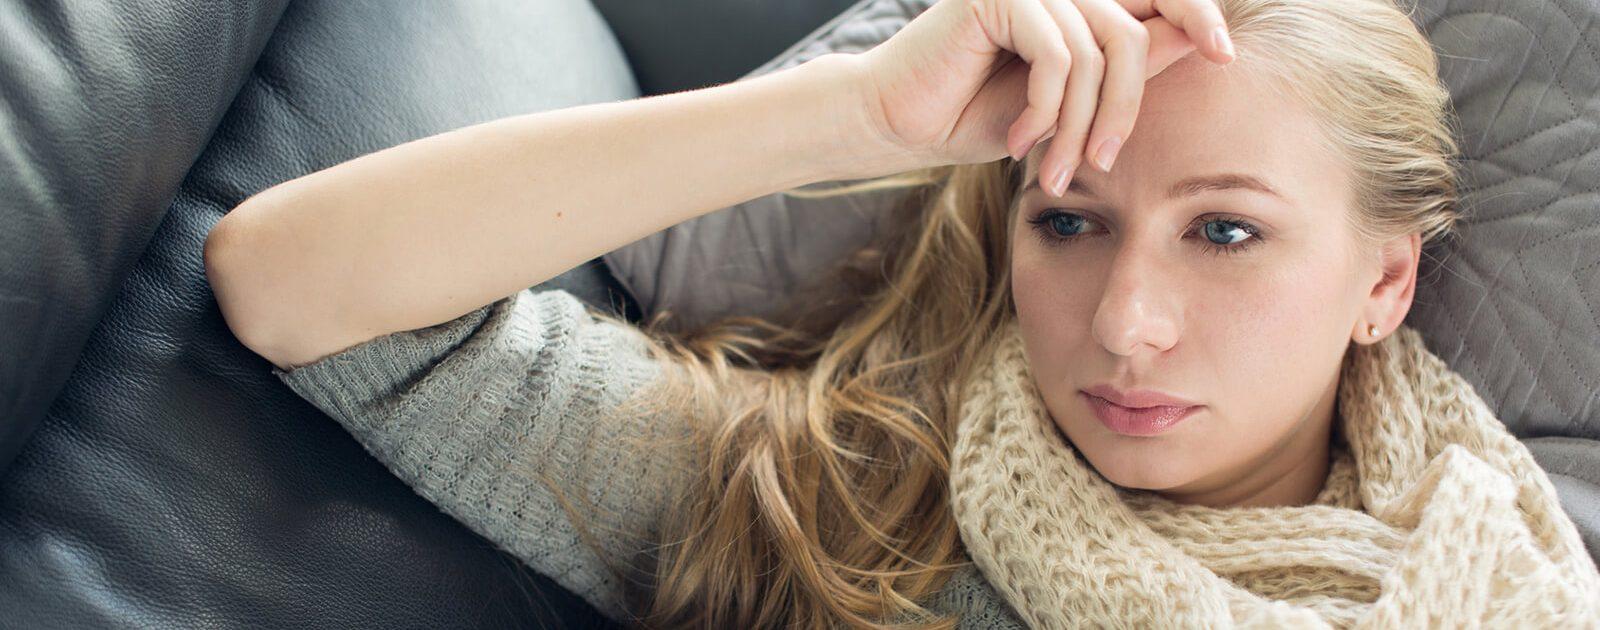 Frau fühle sich aufgrund einer Autoimmunerkrankung schwach